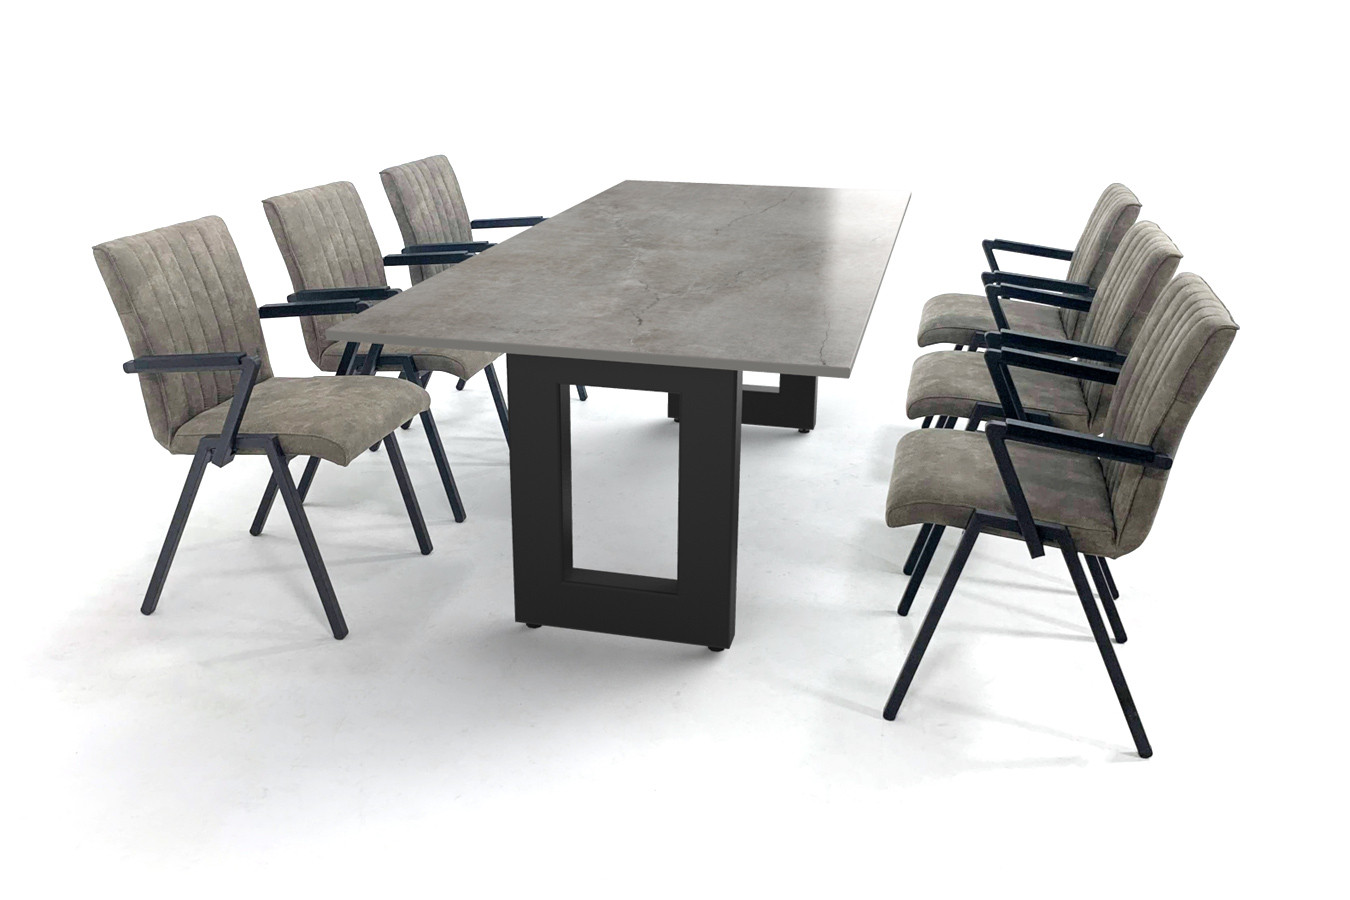 Industriële eettafel met betonlook tafelblad en comfortabele stoelen